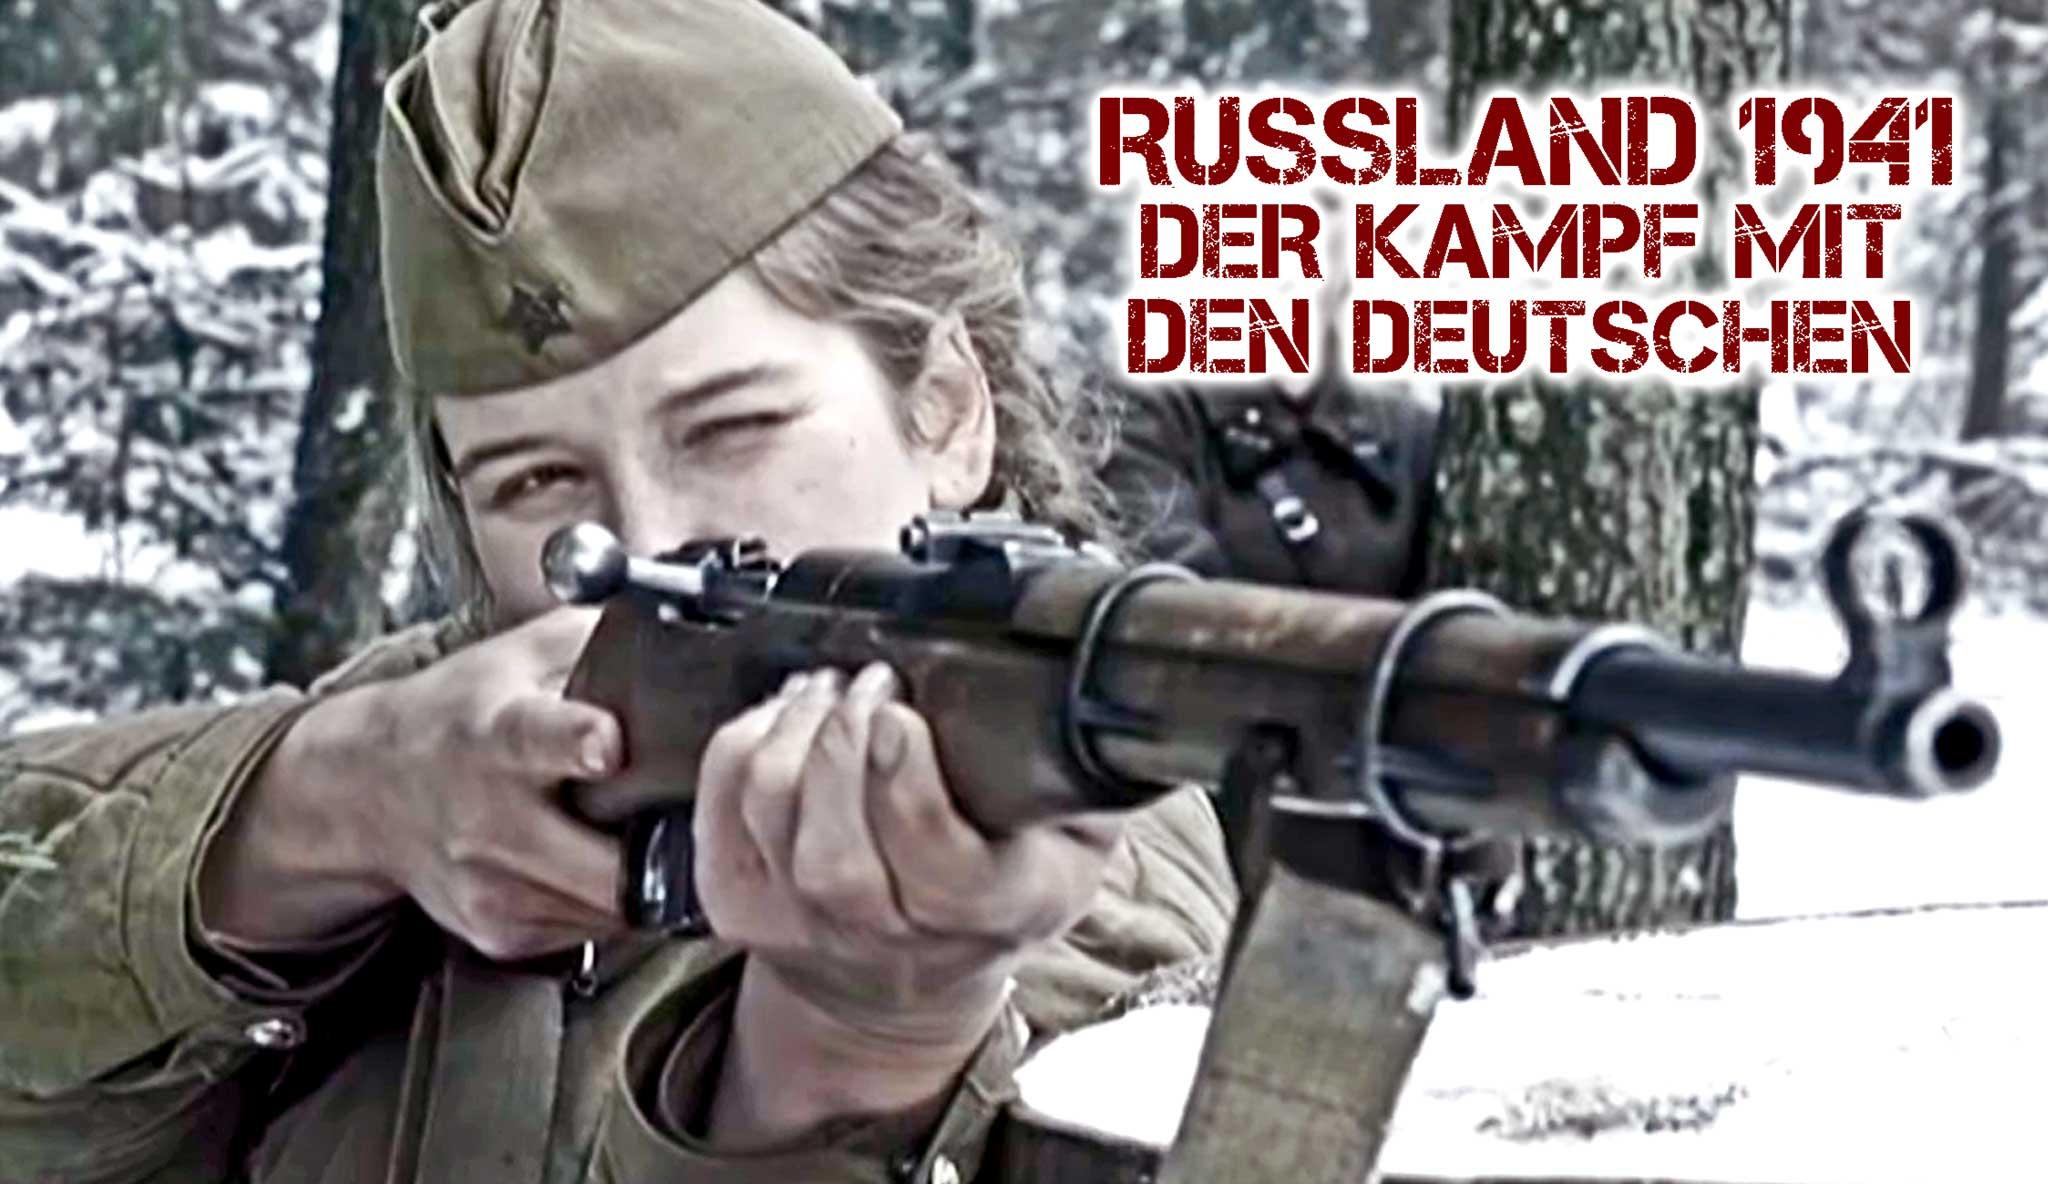 russland-1941-teil-2-der-kampf-mit-den-deutschen\header.jpg